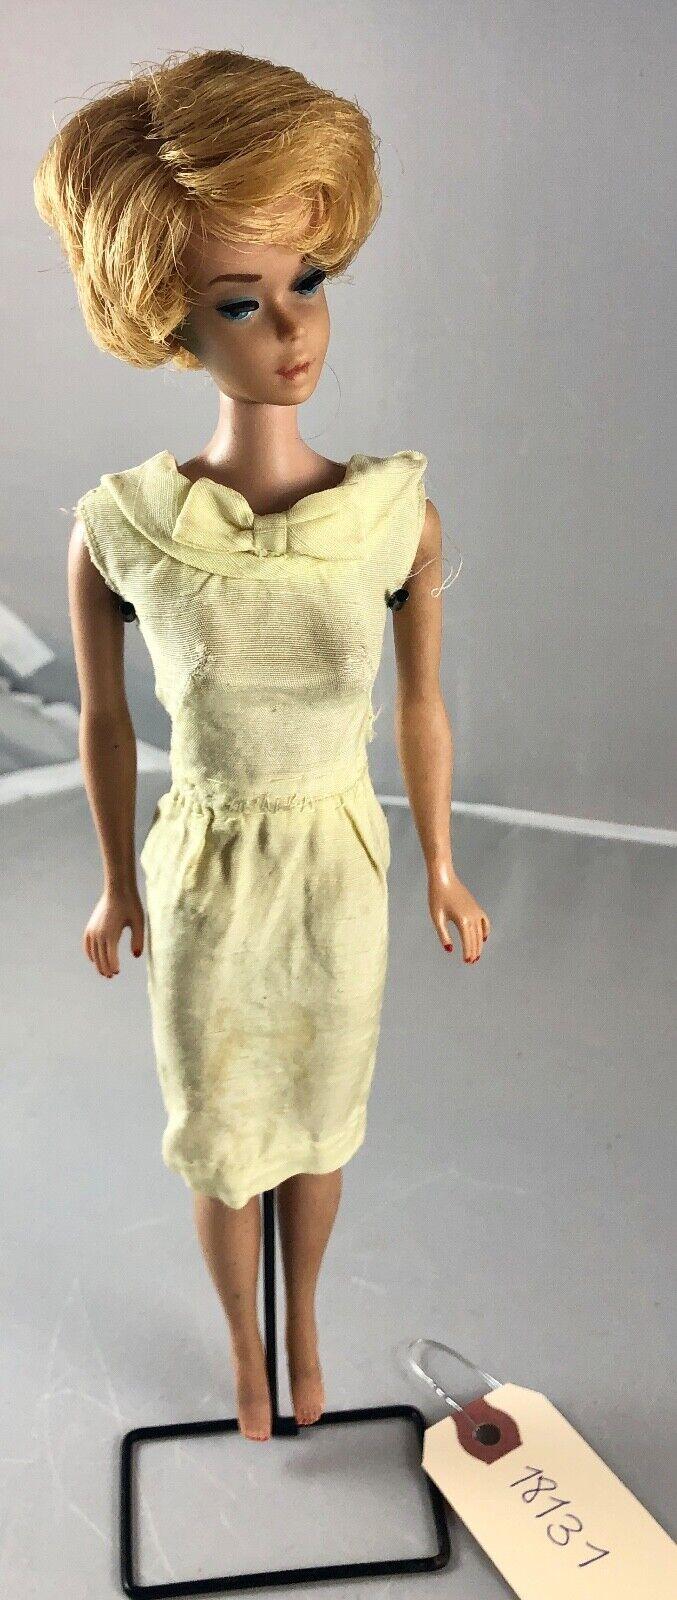 11  Vintage American Blonde Bubble Hair Barbie  Elegant  18131